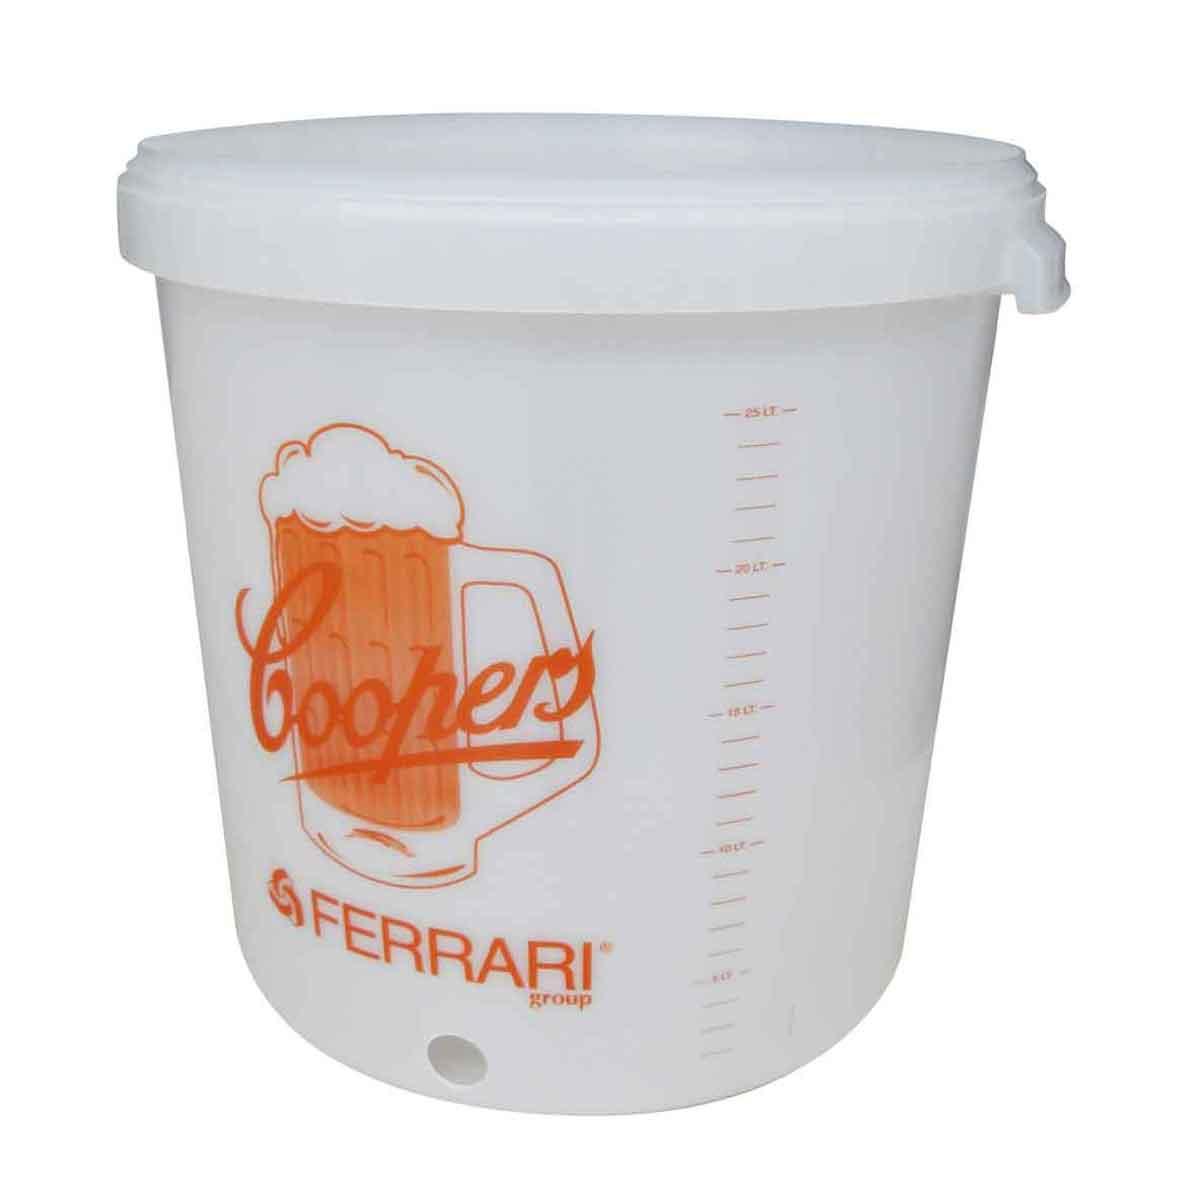 Contenitore per fermentazione birra Coopers